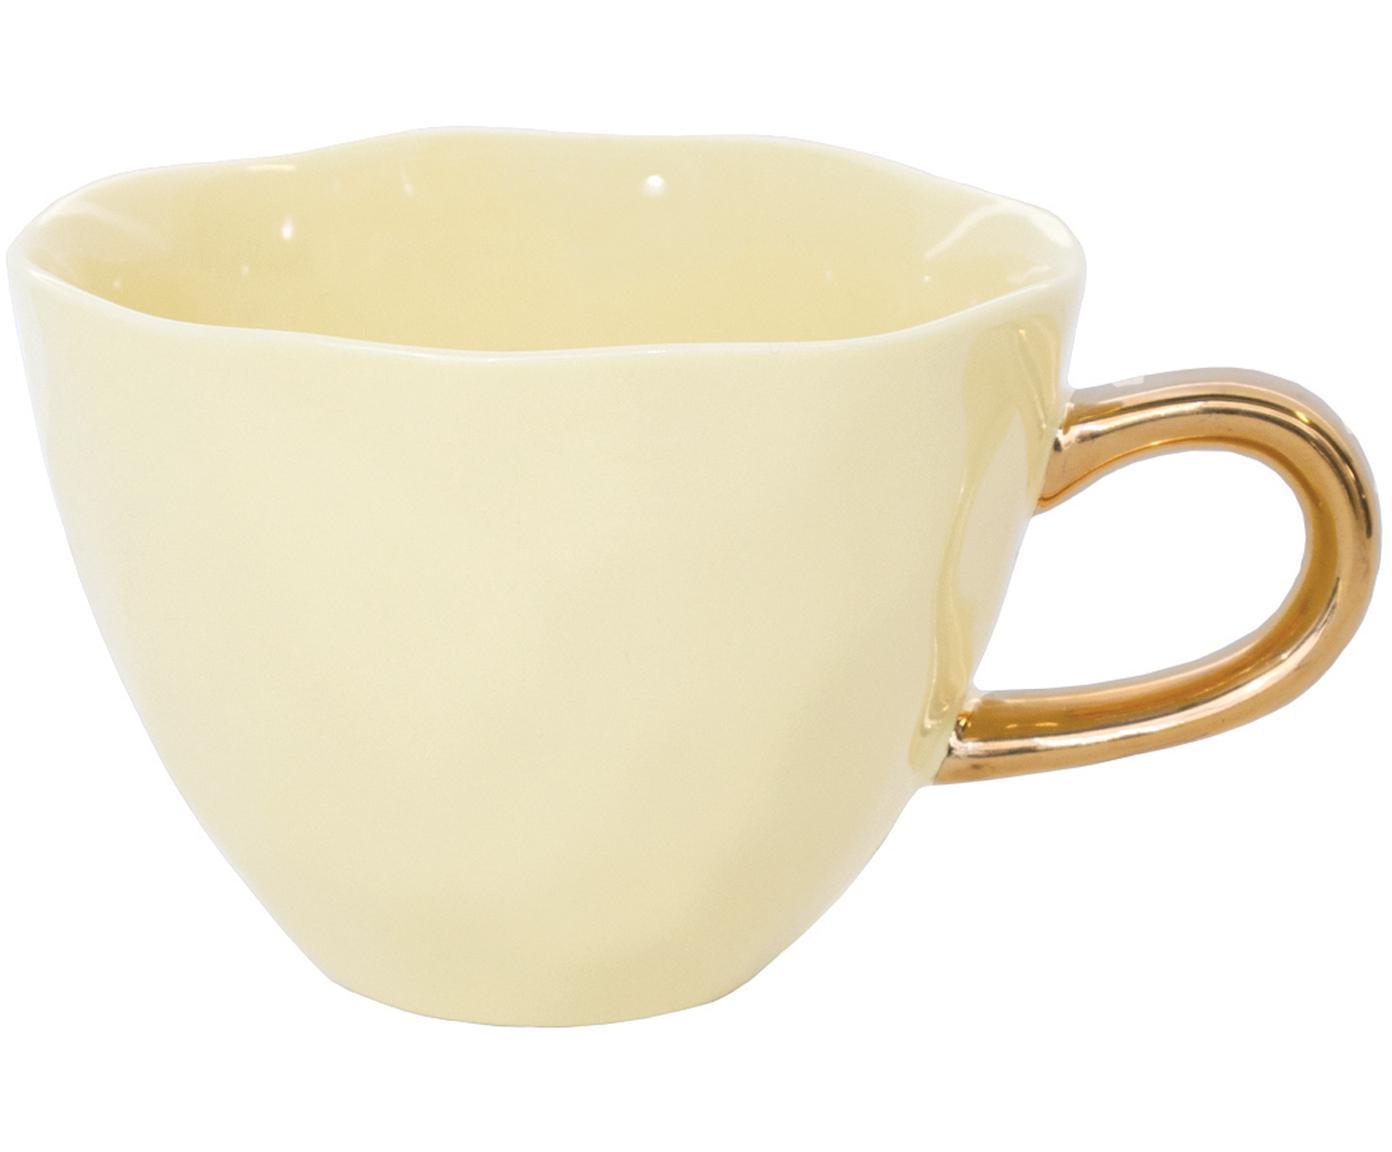 Kopje Good Morning met goudkleurige handvat, Keramiek, Geel, goudkleurig, Ø 11 cm